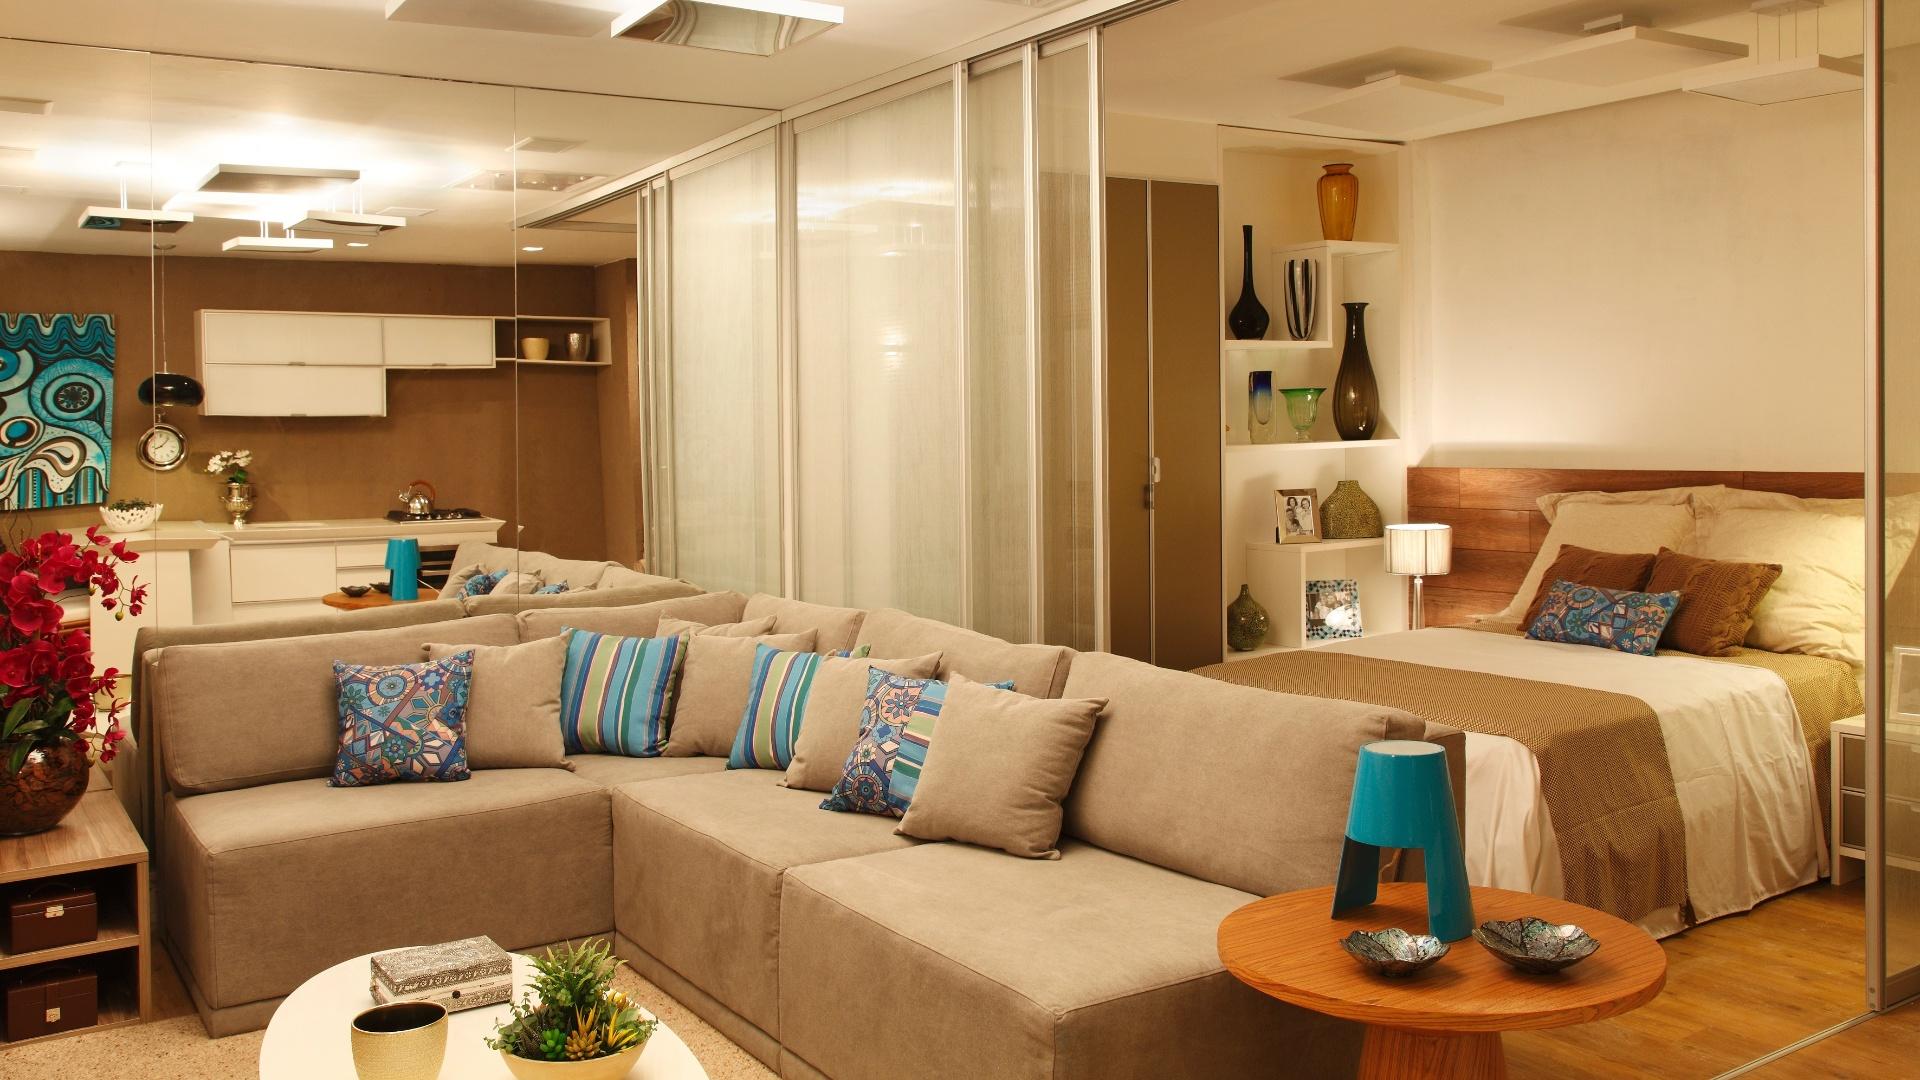 Sala e quarto do Estúdio Sustentável criado por Danielle Sabino. A mostra Morar Mais por Menos RJ segue até dia 4 de novembro de 2012, na Av. Epitácio Pessoa, 4.866, Rio de Janeiro